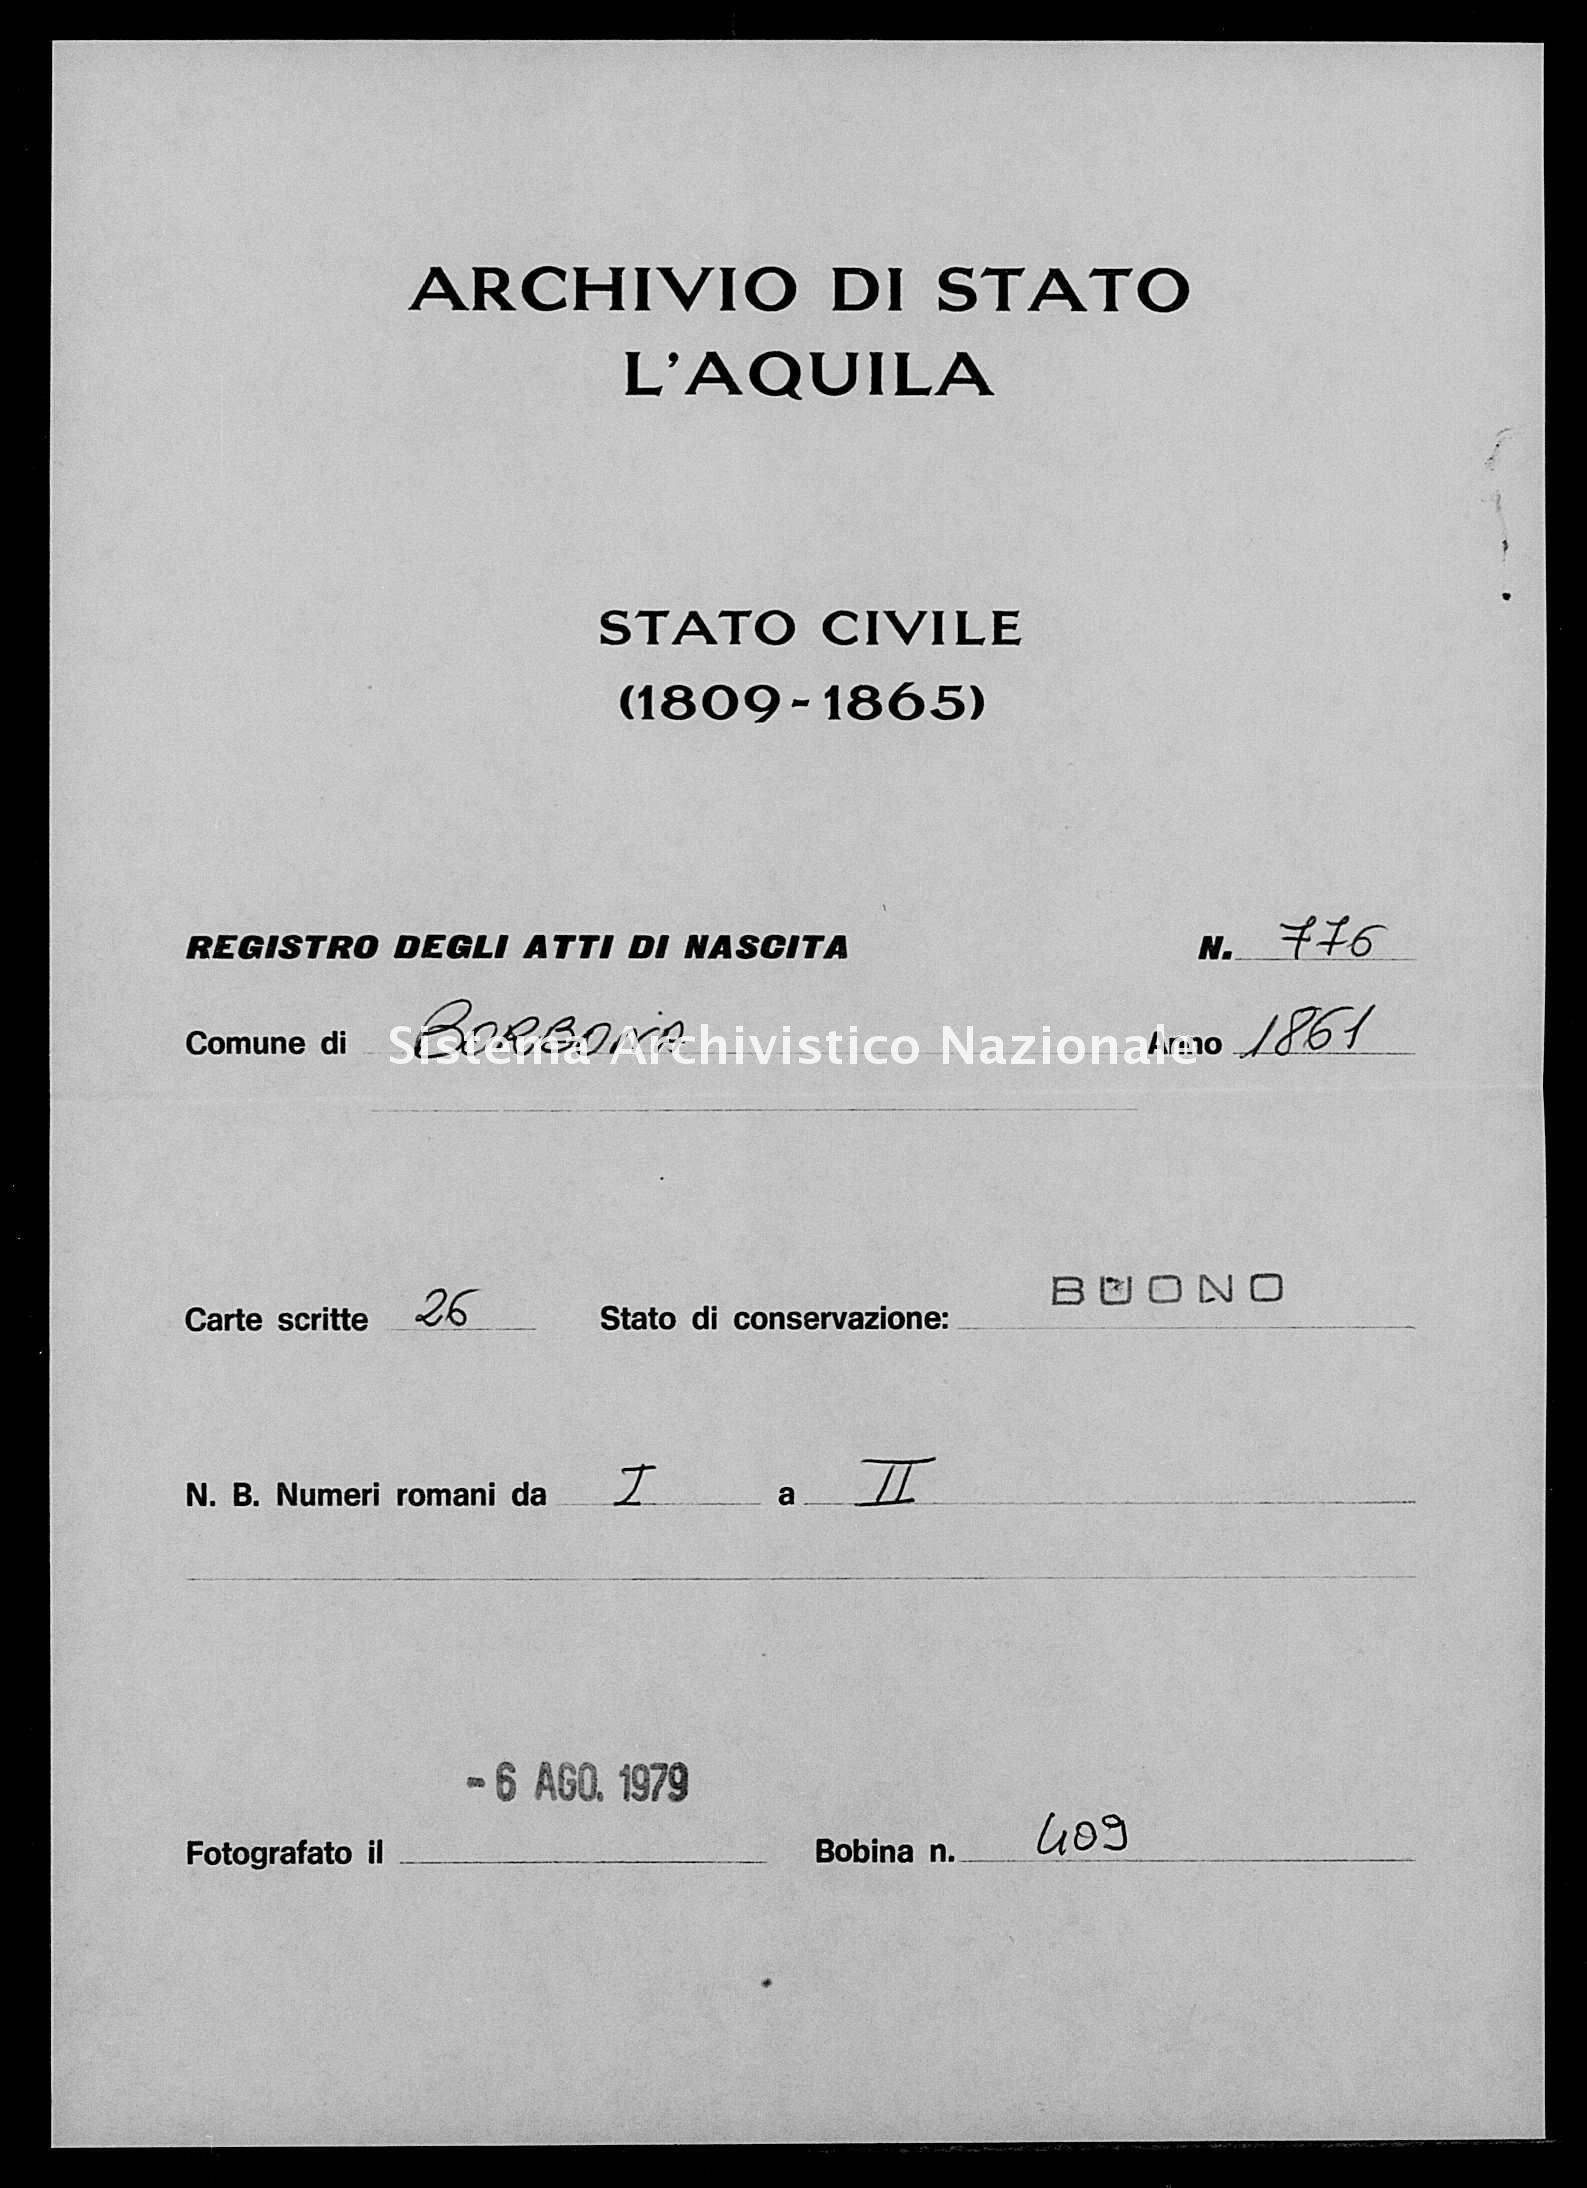 Archivio di stato di L'aquila - Stato civile italiano - Borbona - Nati - 1861 - 776 -